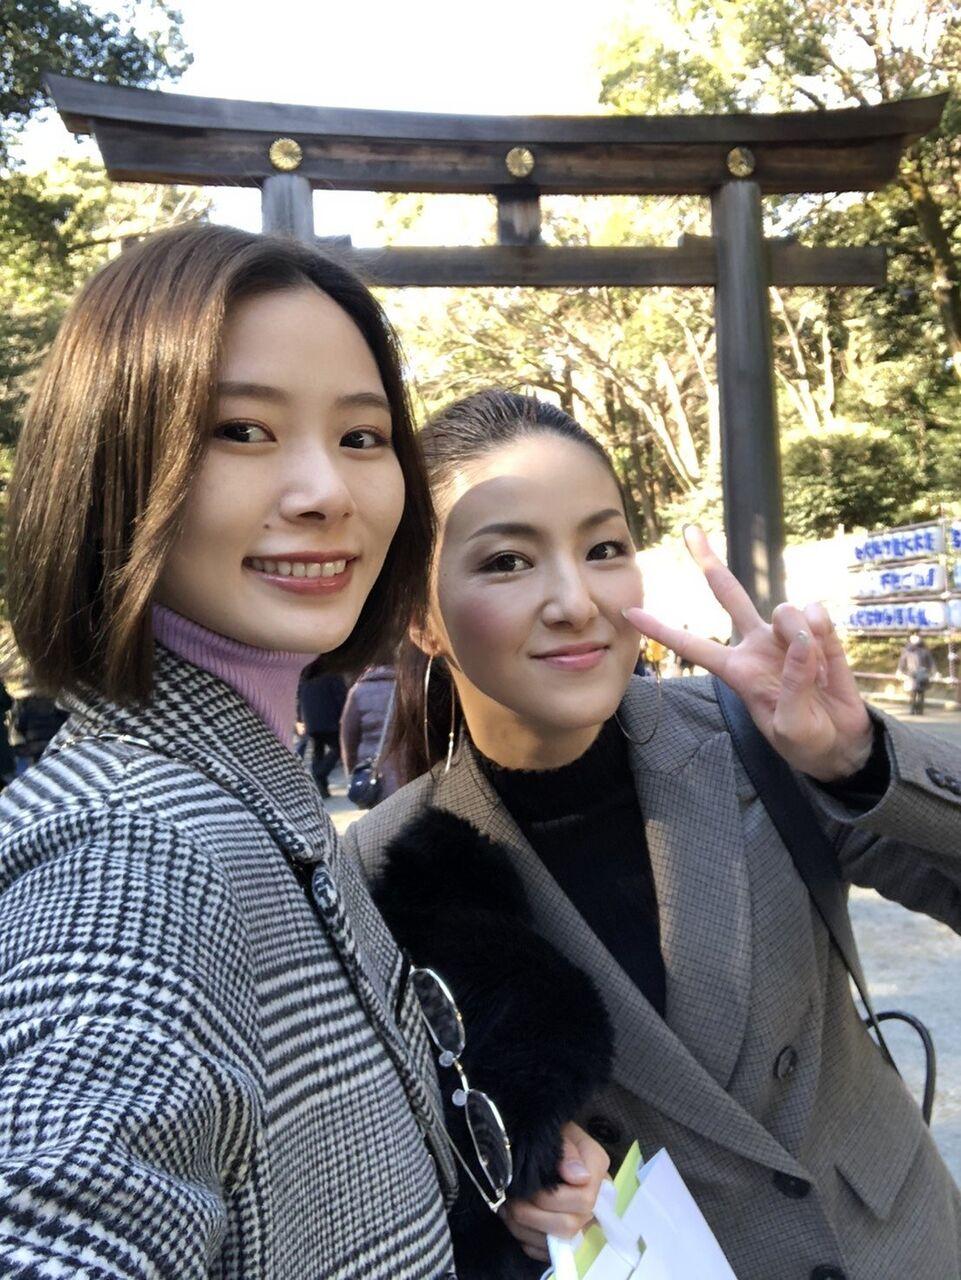 朝日 奈央 ツイッター